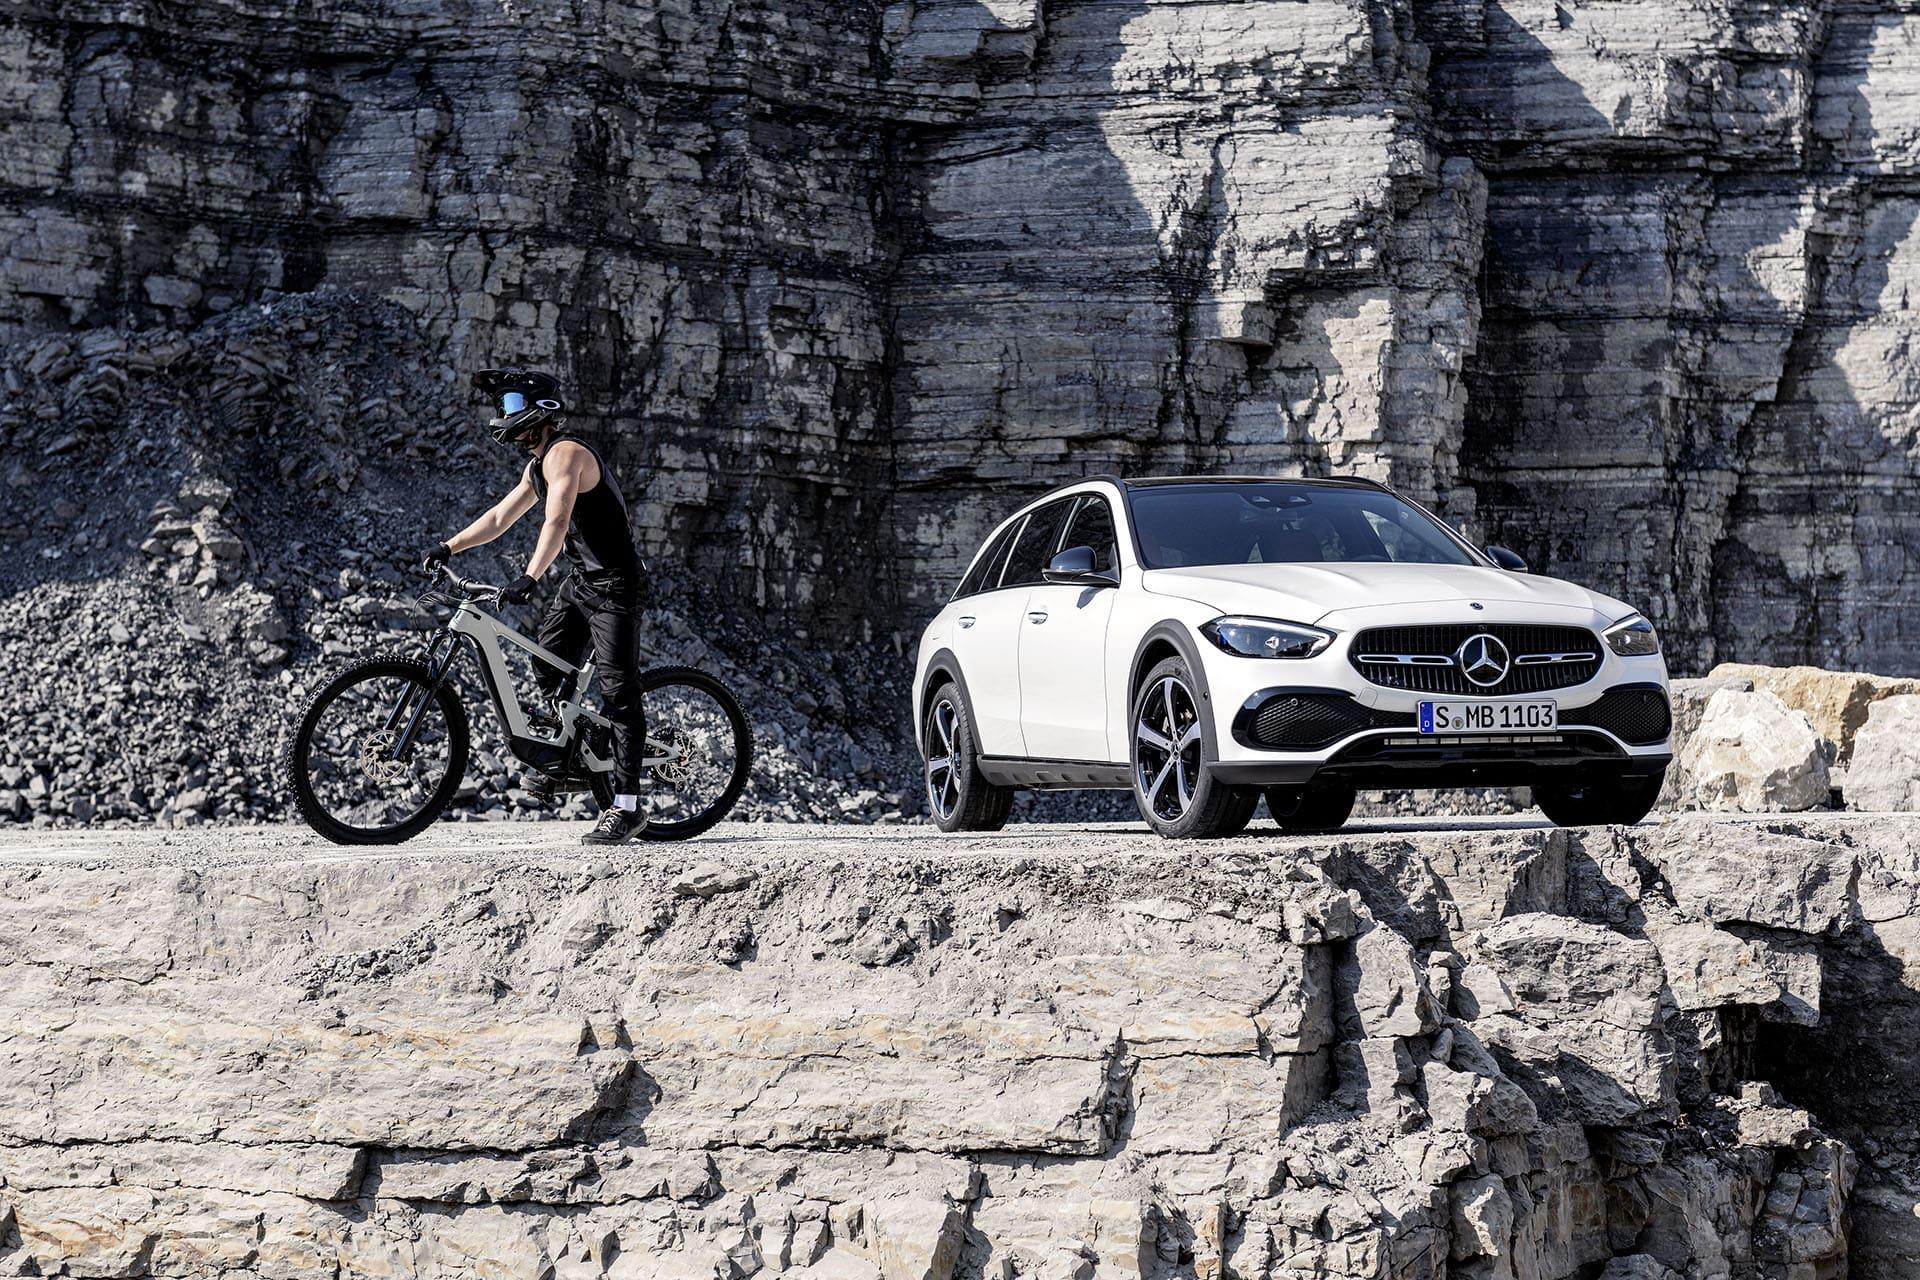 Новий Mercedes-Benz C-Class All-Terrain: зі збільшеним дорожнім просвітом та повним приводом 4MATIC